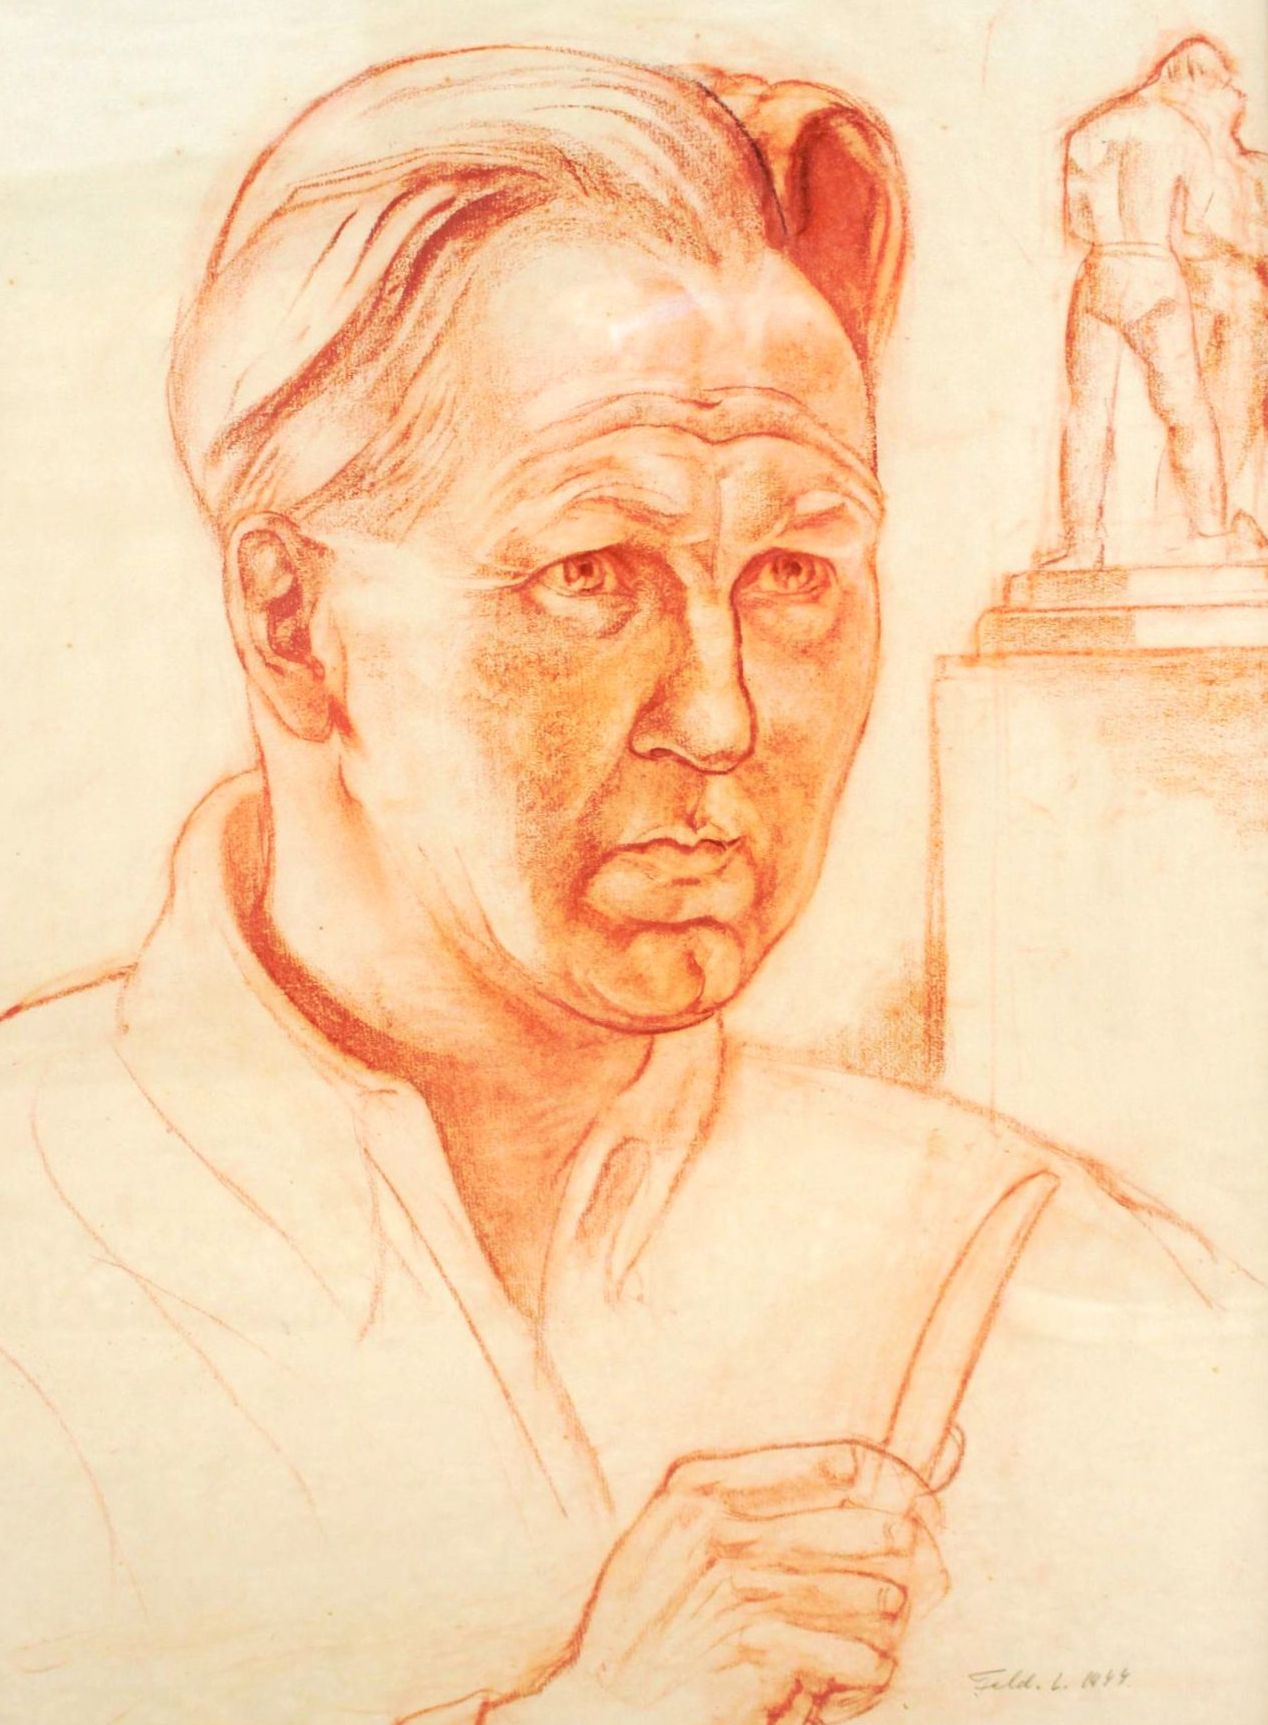 Portrét Vojtecha Löfflera, 1944, autor Ľudovít Feld